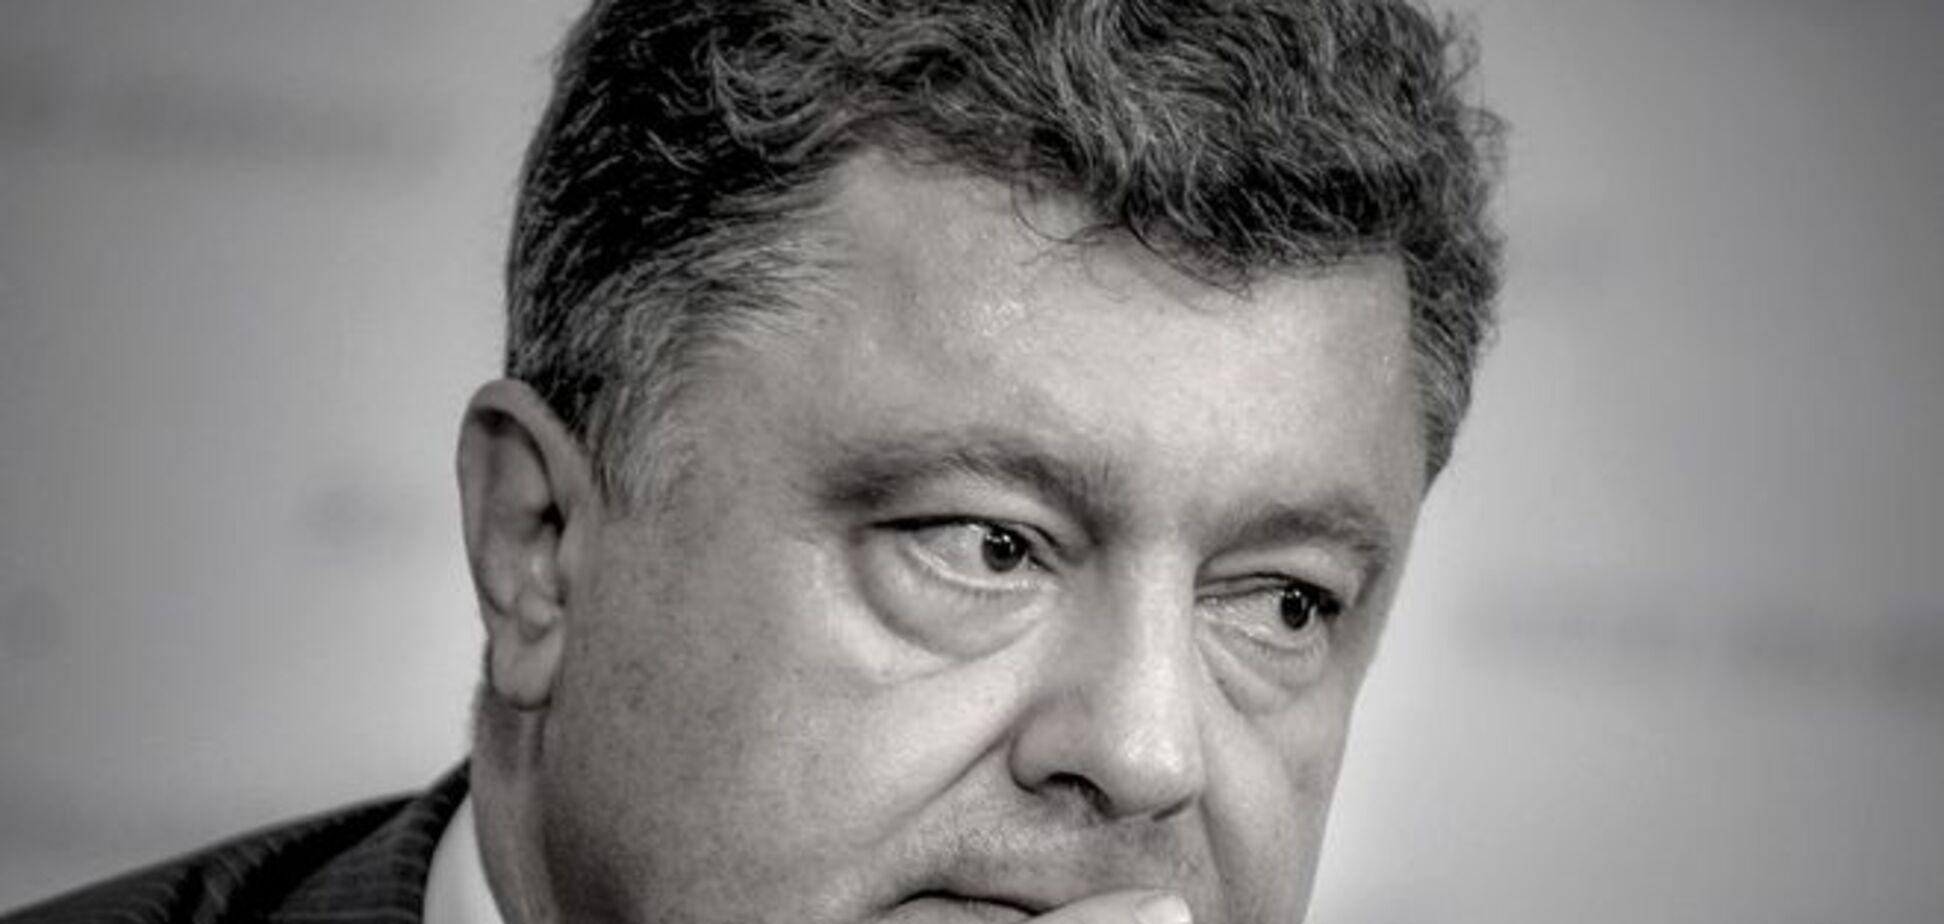 Повінь в Тбілісі: Порошенко висловив співчуття грузинському народу